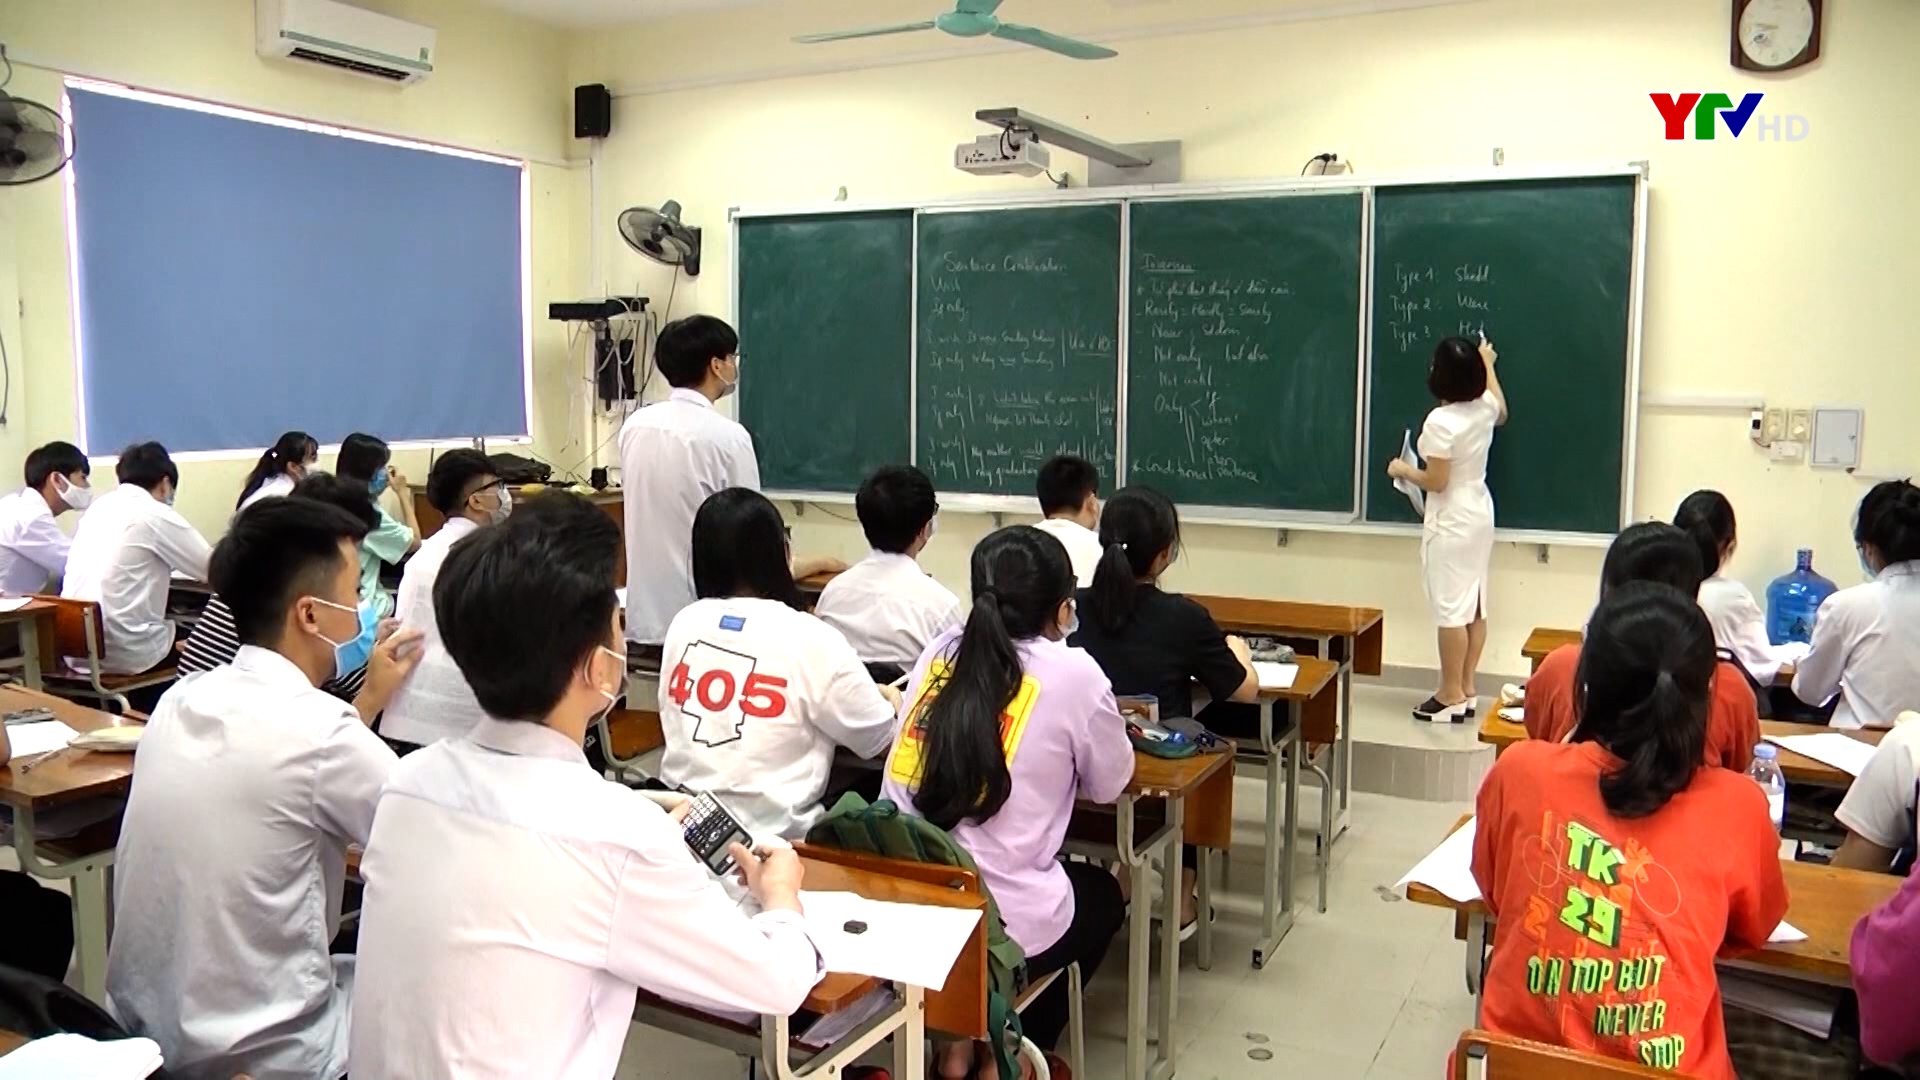 HĐND tỉnh ban hành Nghị quyết số 58 về quy định mức thu học phí đối với các cơ sở giáo dục công lập